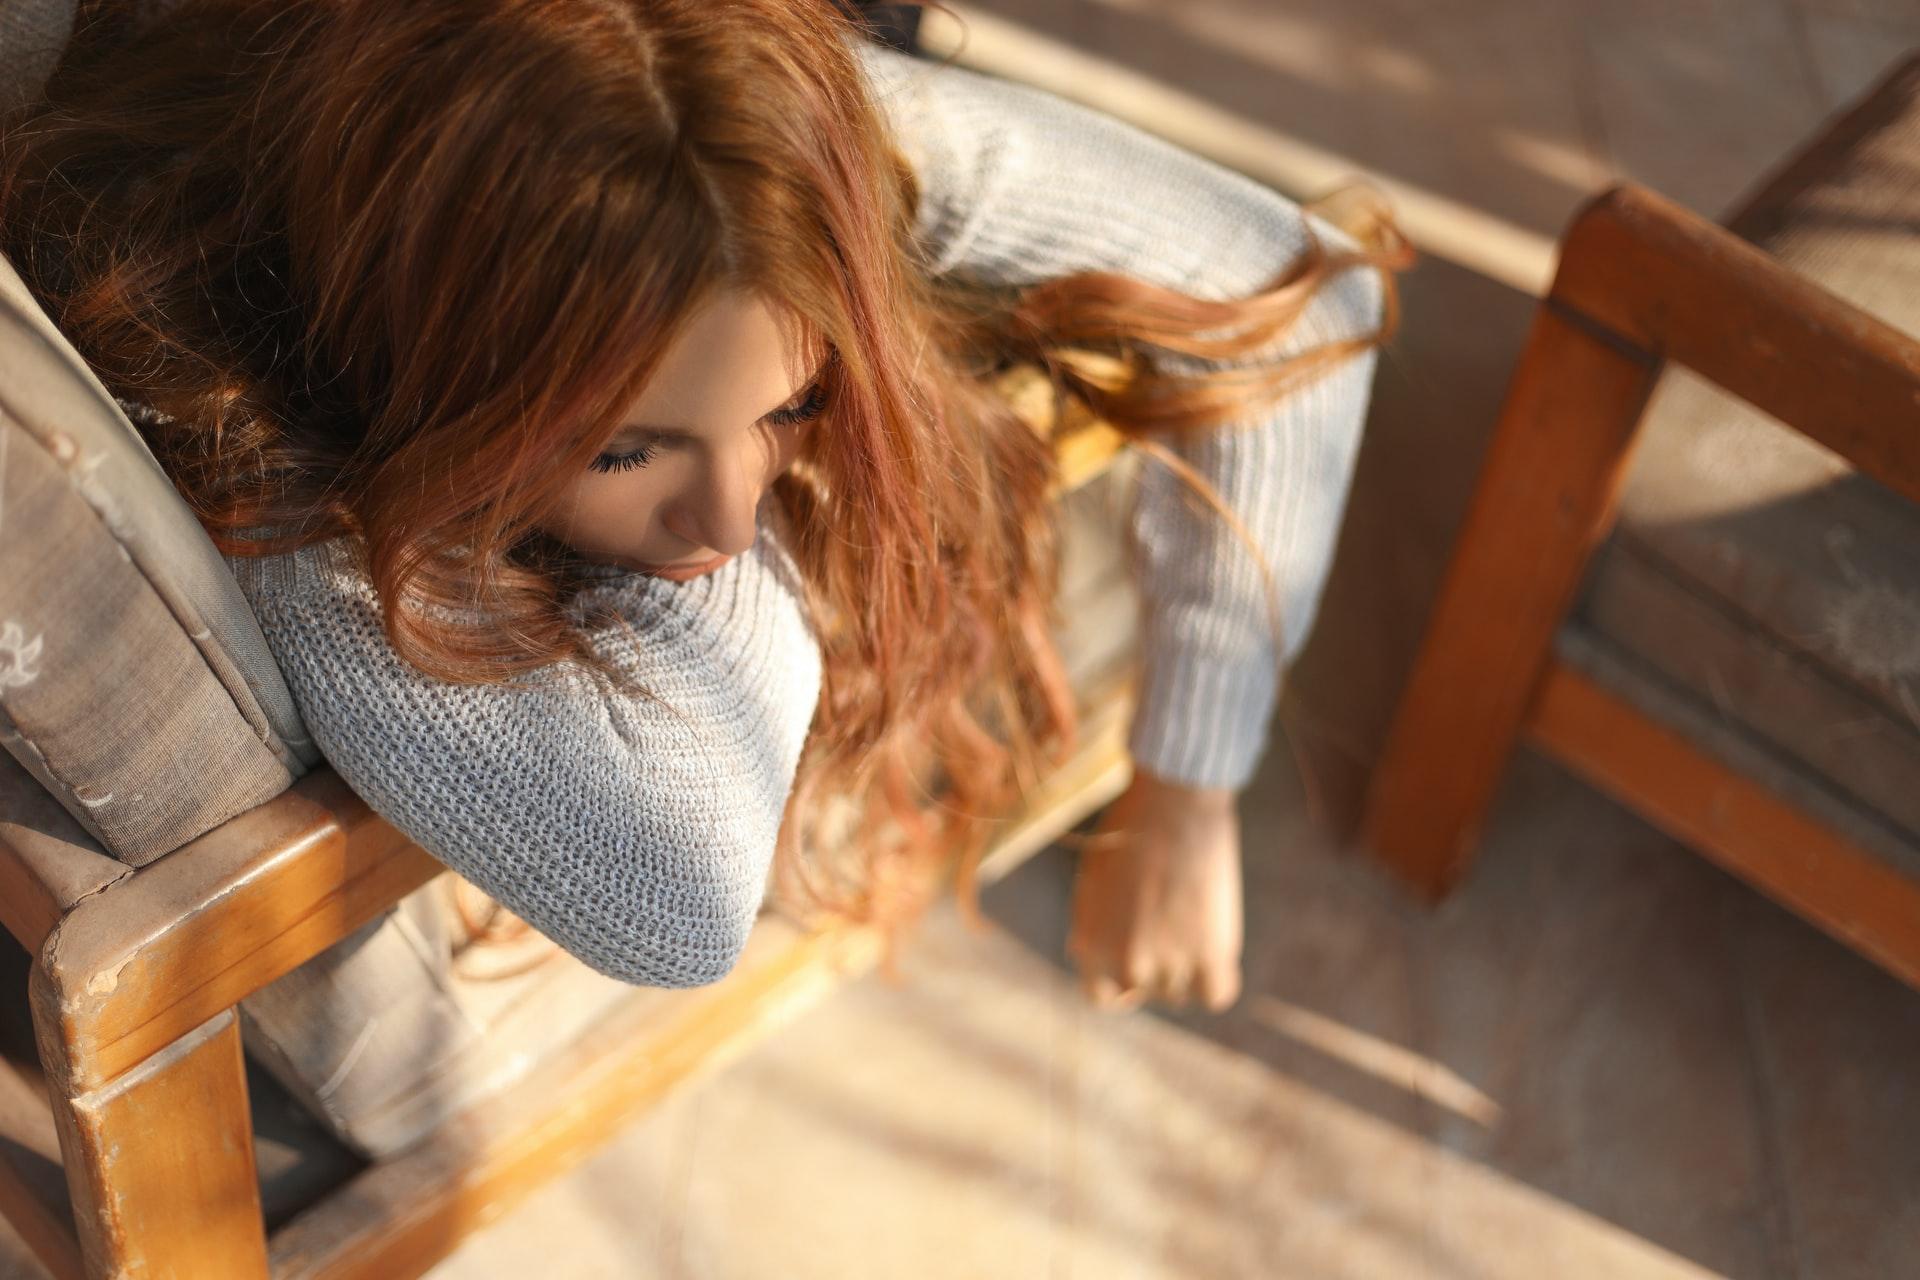 femme premenstruel trouble dysphorique